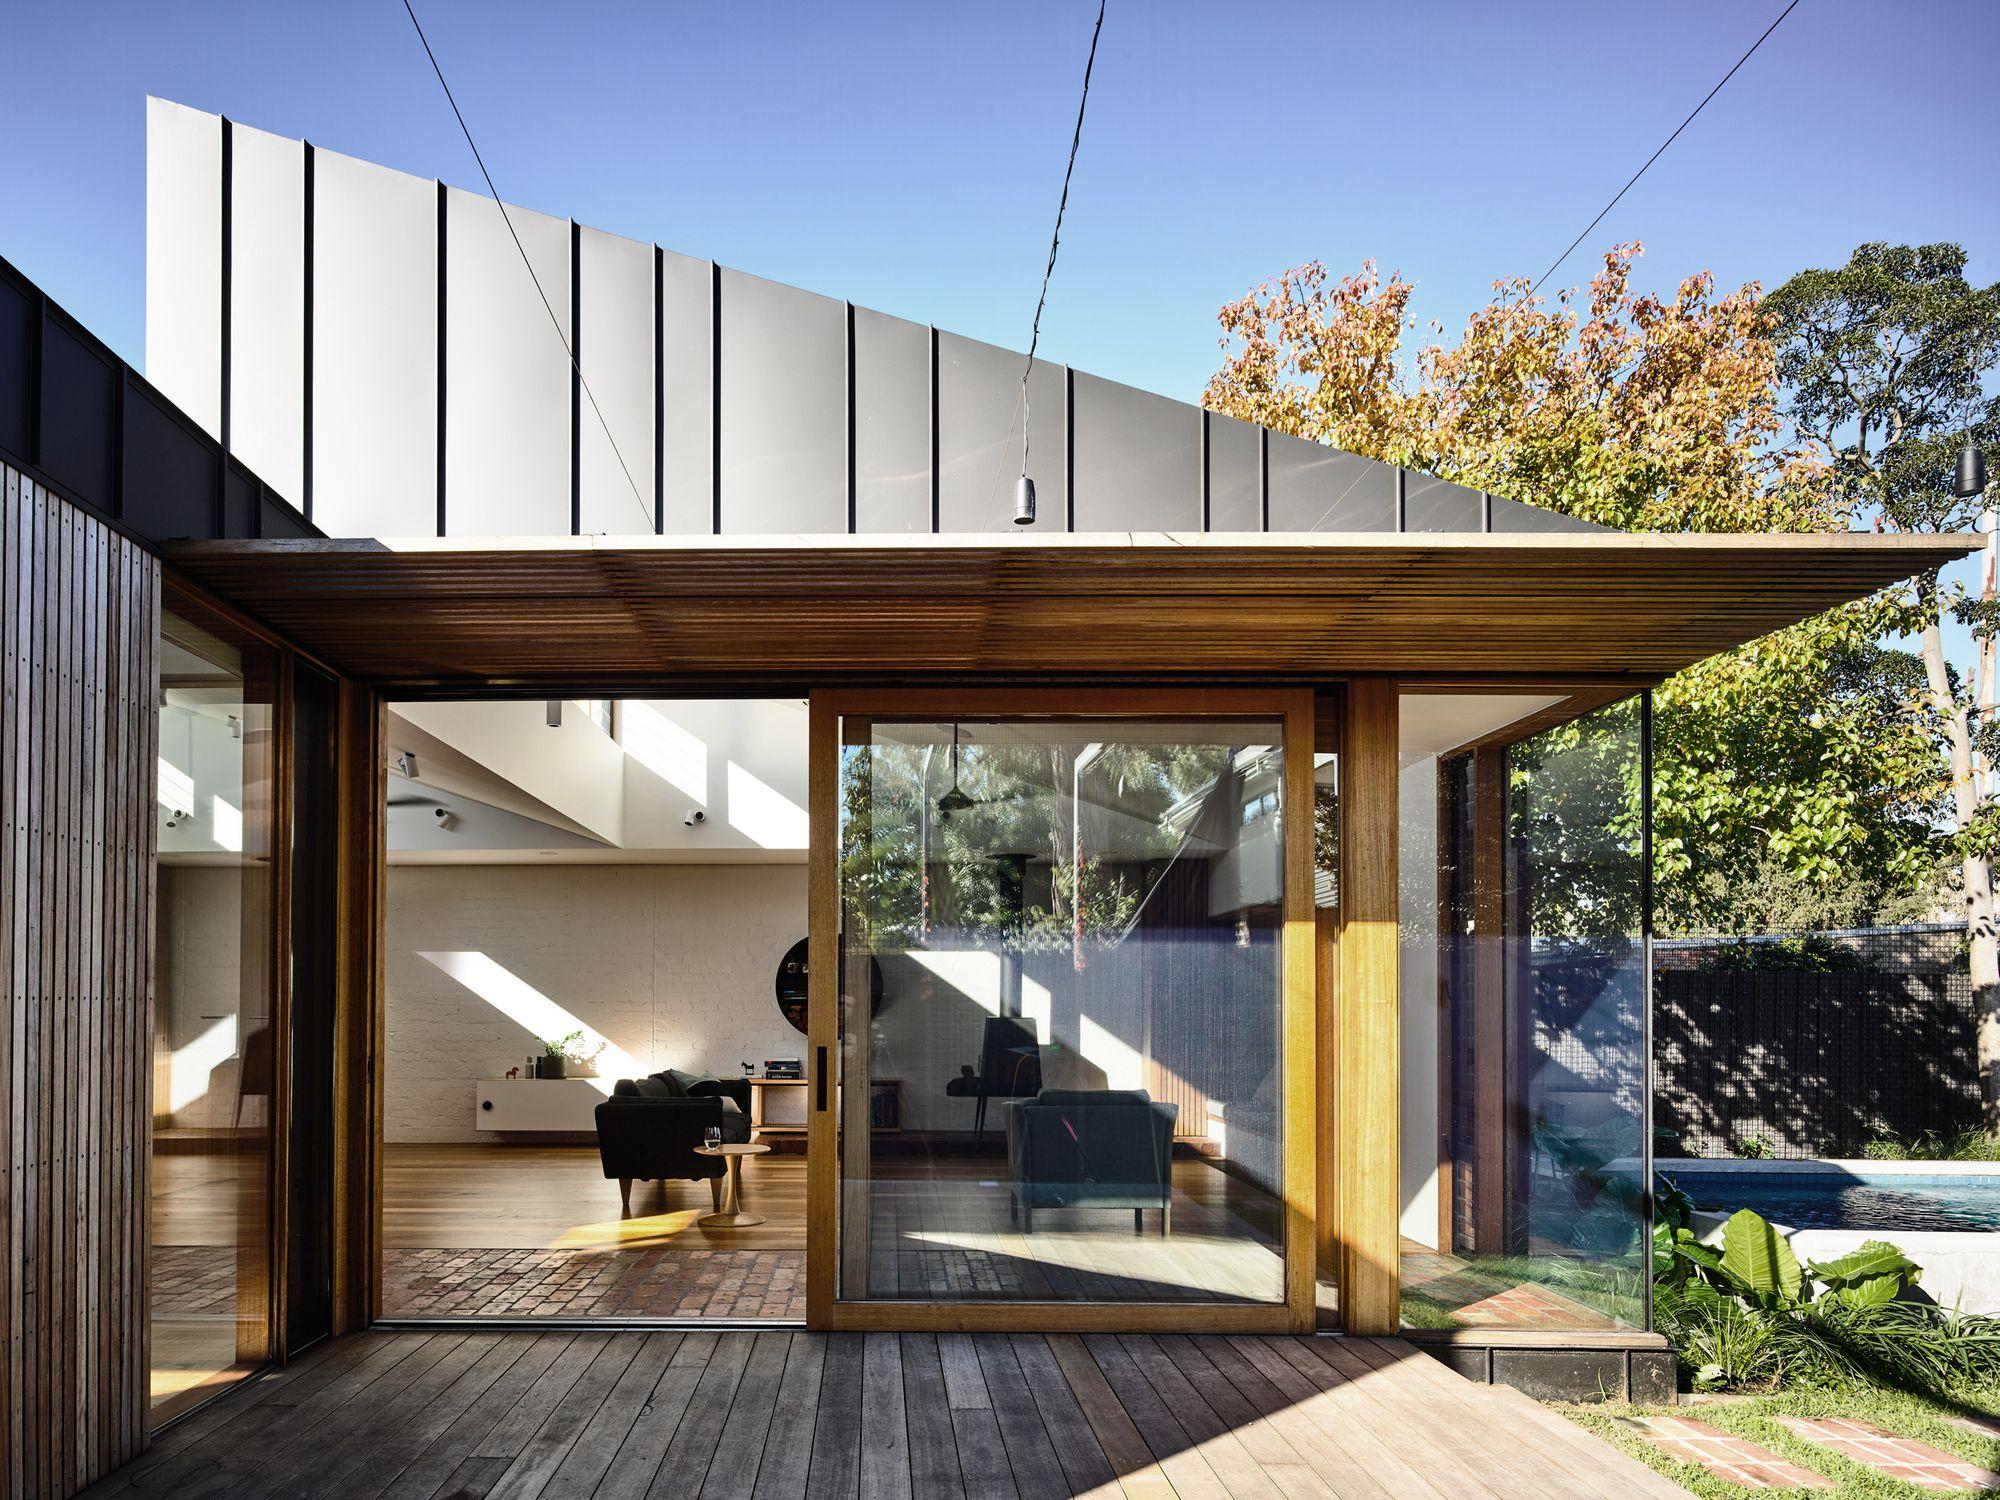 Light Saw House / Zen Architects | LoanT.in by CuongDC | Pinterest